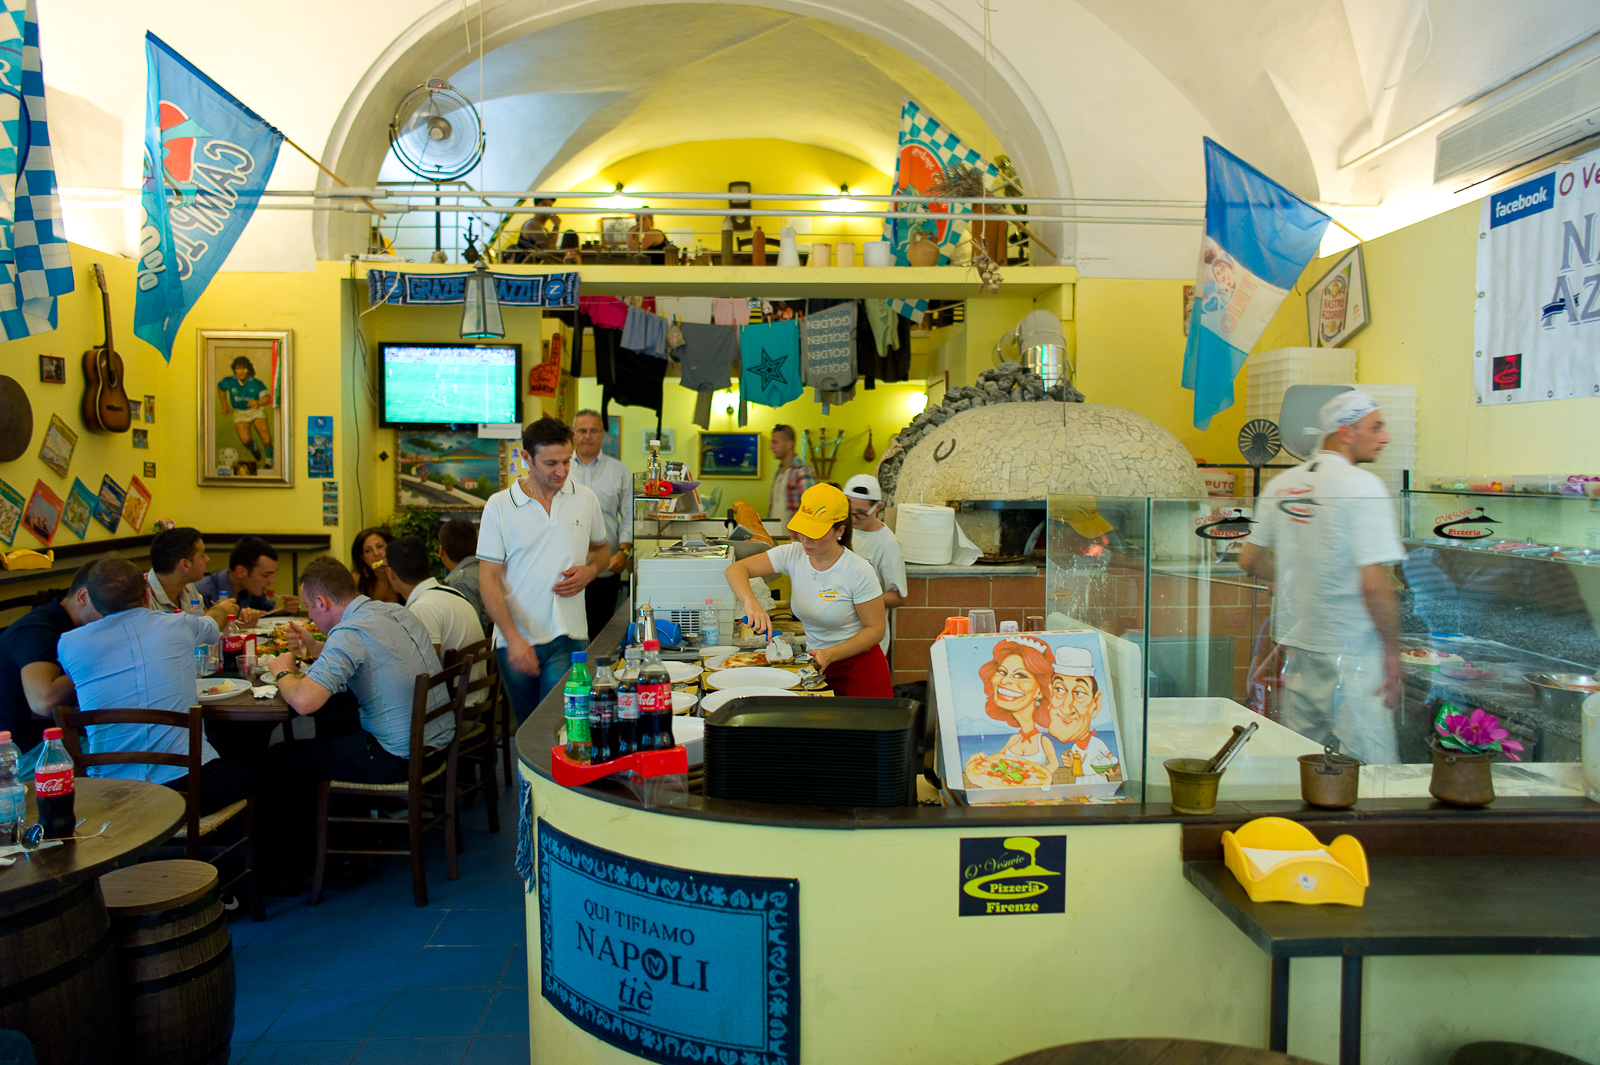 Interior of Pizzeria O'Vesuvio